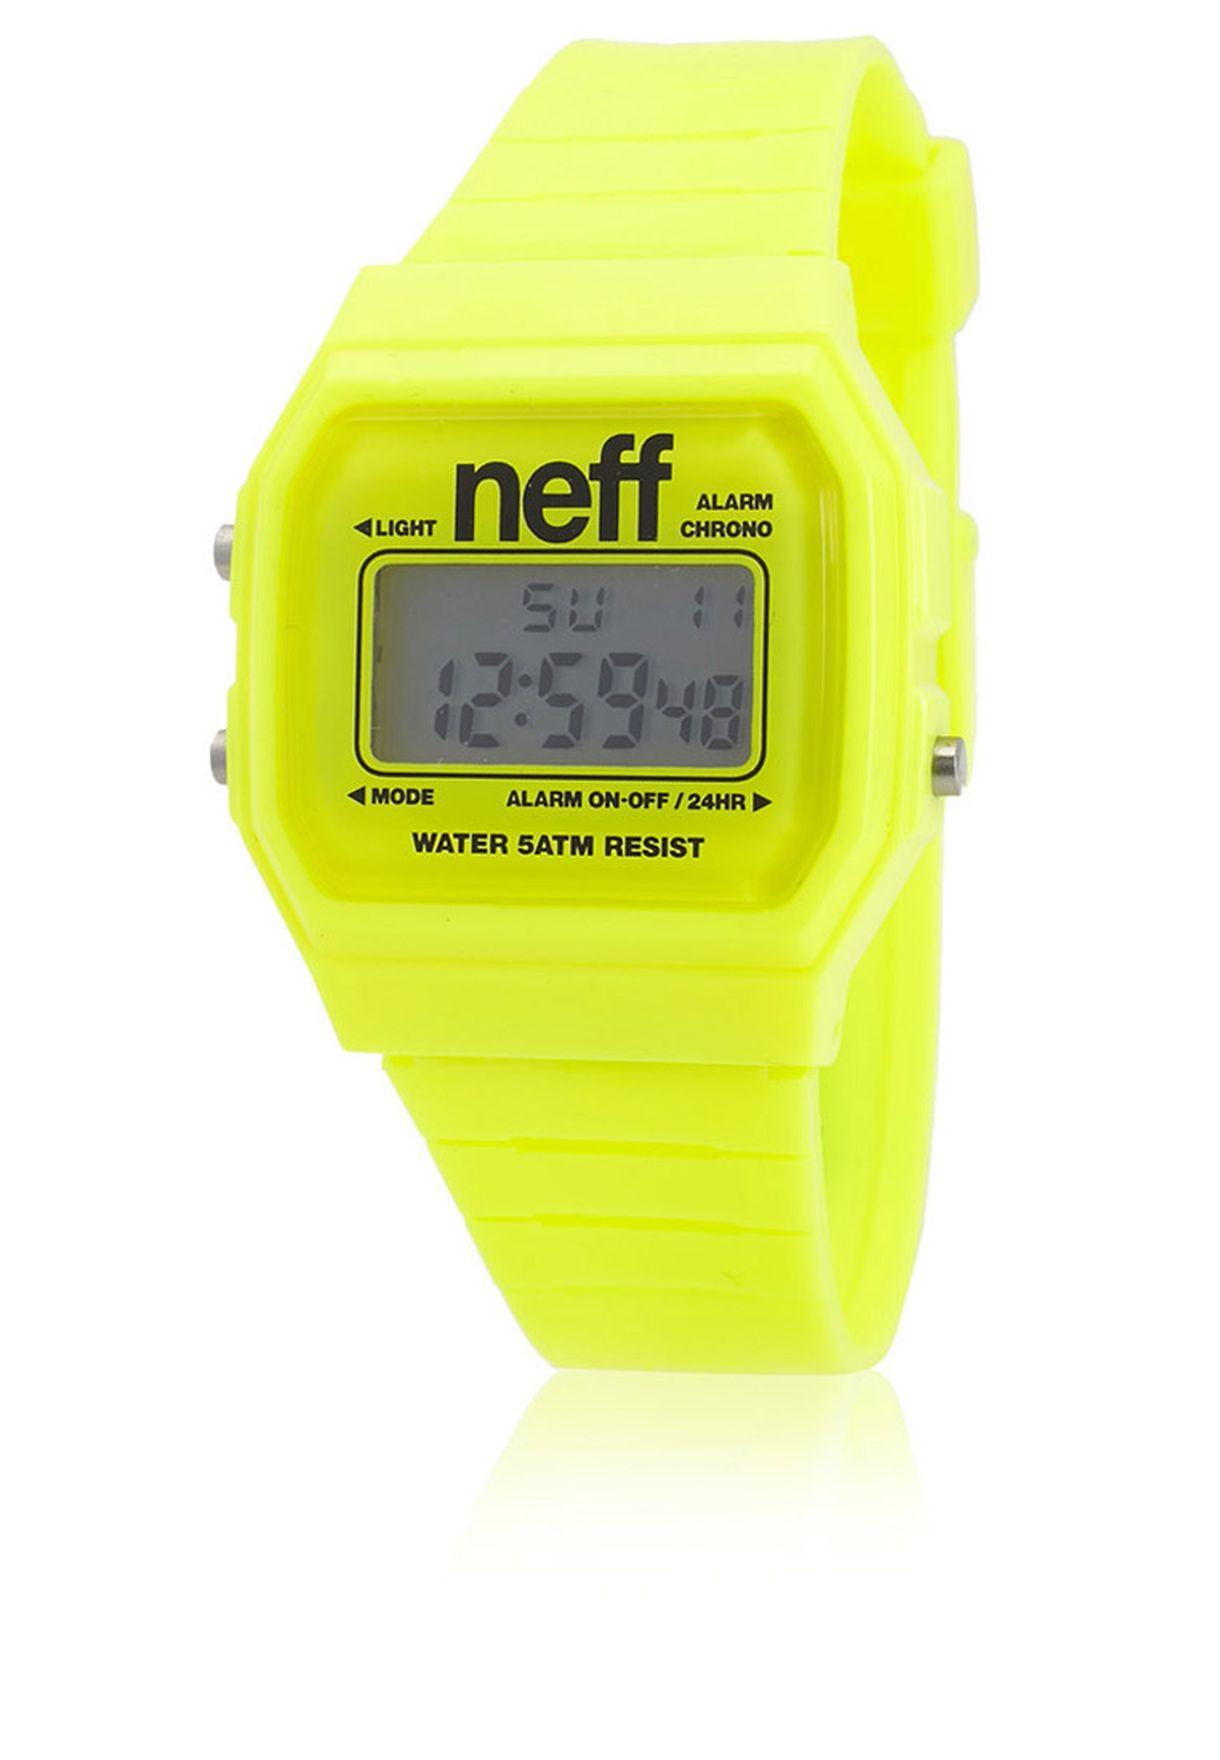 63e04a0fa تسوق Flava Watch ماركة نيف لون أصفر في قطر - NE706AC15HSE